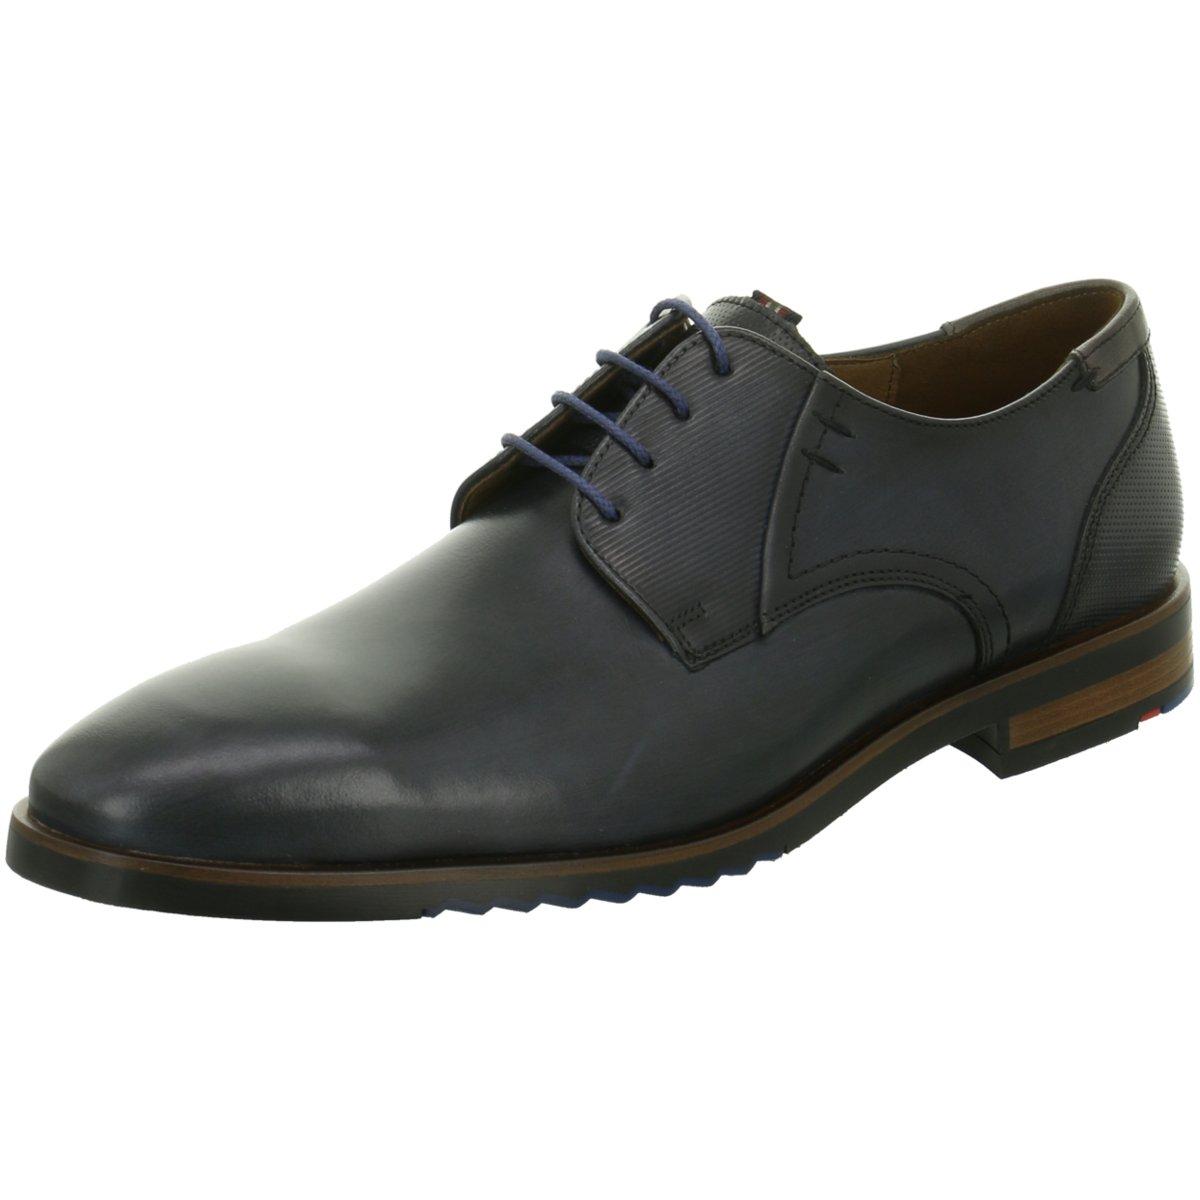 Lloyd Herren Must-Haves DENO 2757415 blau 292332    | Erste Kunden Eine Vollständige Palette Von Spezifikationen